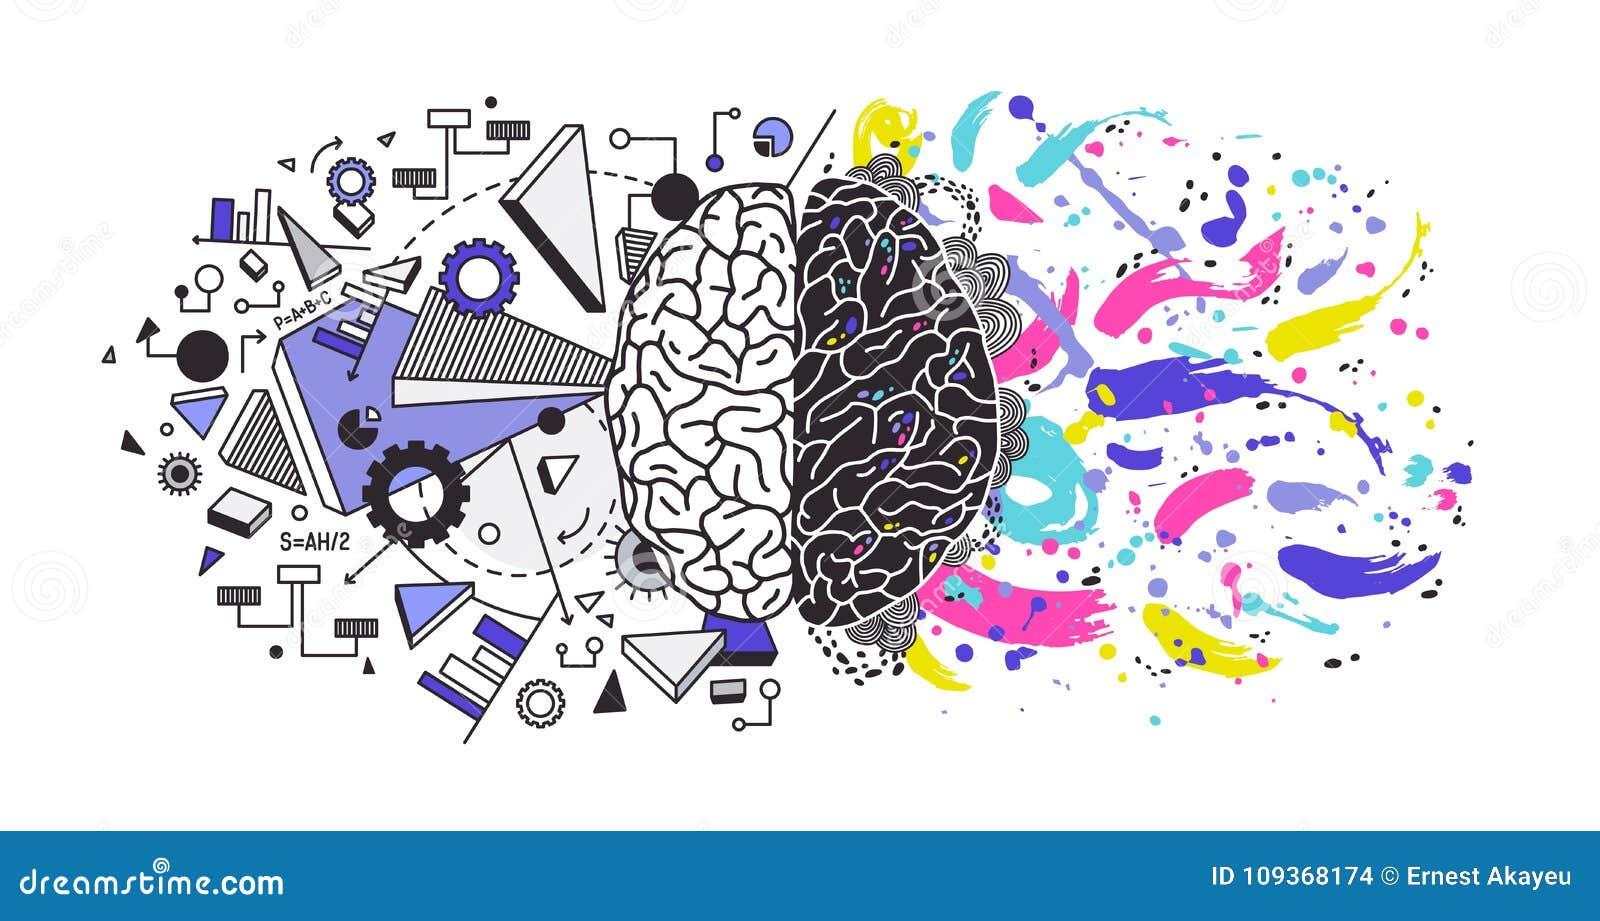 El cerebro humano dividió en los hemisferios cerebrales correctos e izquierdos responsables de diversas funciones - creatividad o